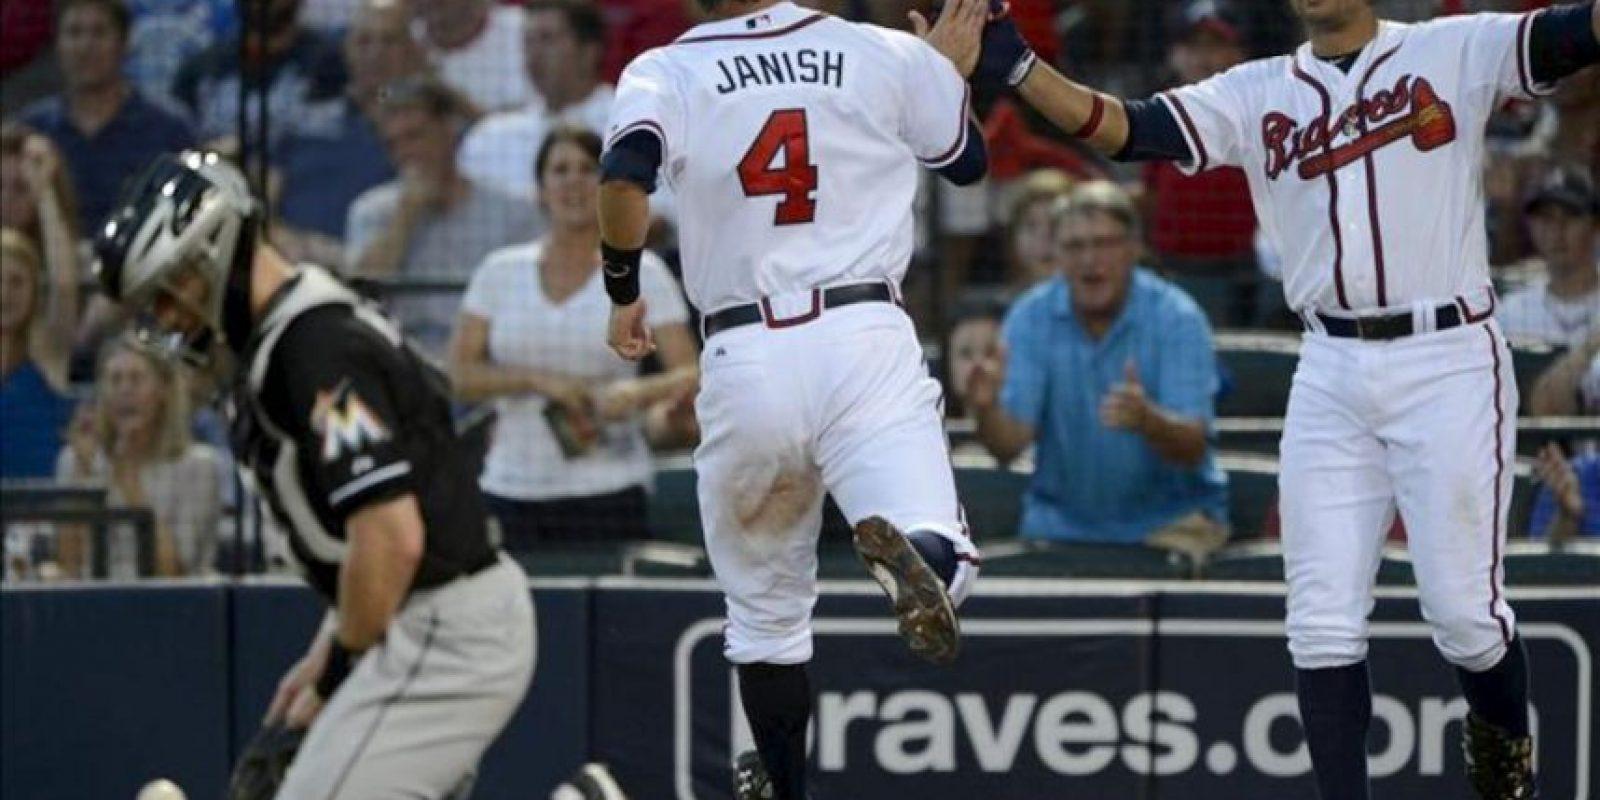 El jugador de Bravos Paul Janish (c) es felicitado por su compañero Martin Prado (d) tras anotar una carrera frente al receptor de Marlins Brett Hayes durante la quinta entrada de un partido por la MLB en Atlanta, Georgia (EE.UU.). EFE